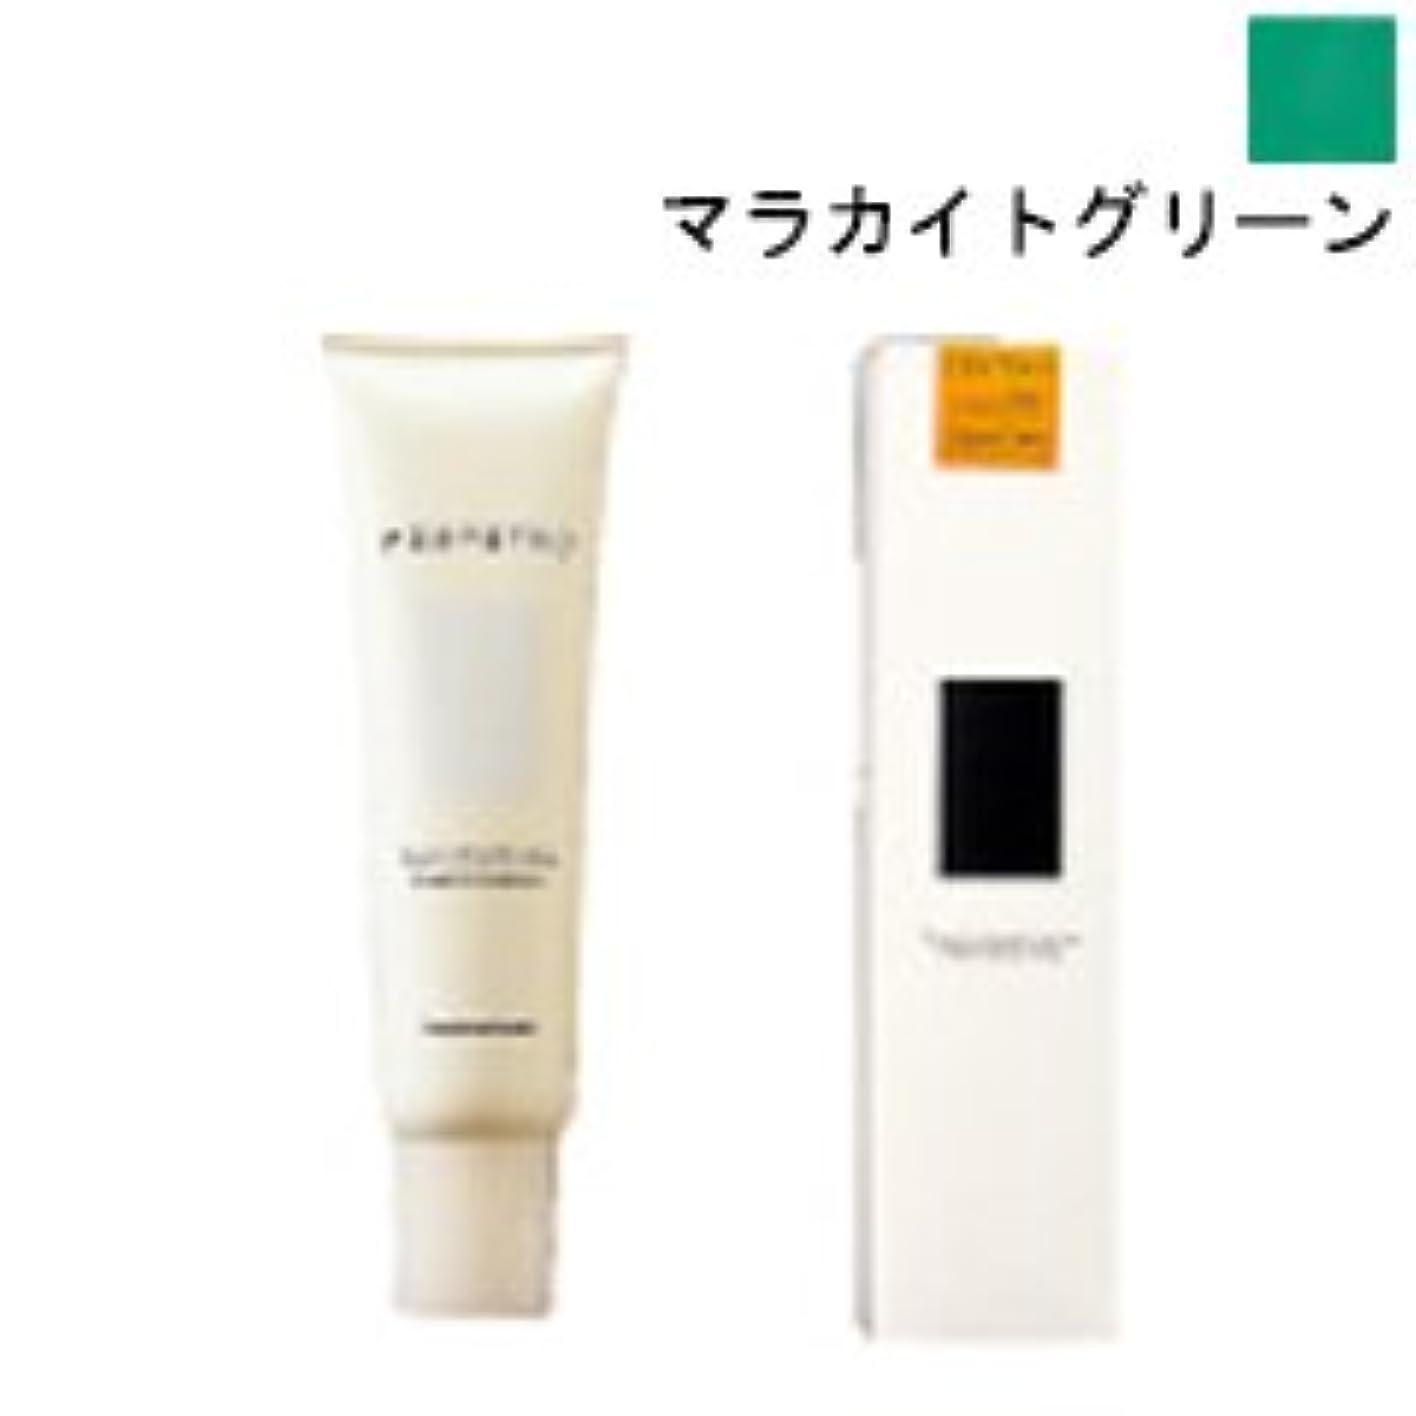 【ナンバースリー】パーフェットカラー マラカイトグリーン 150g